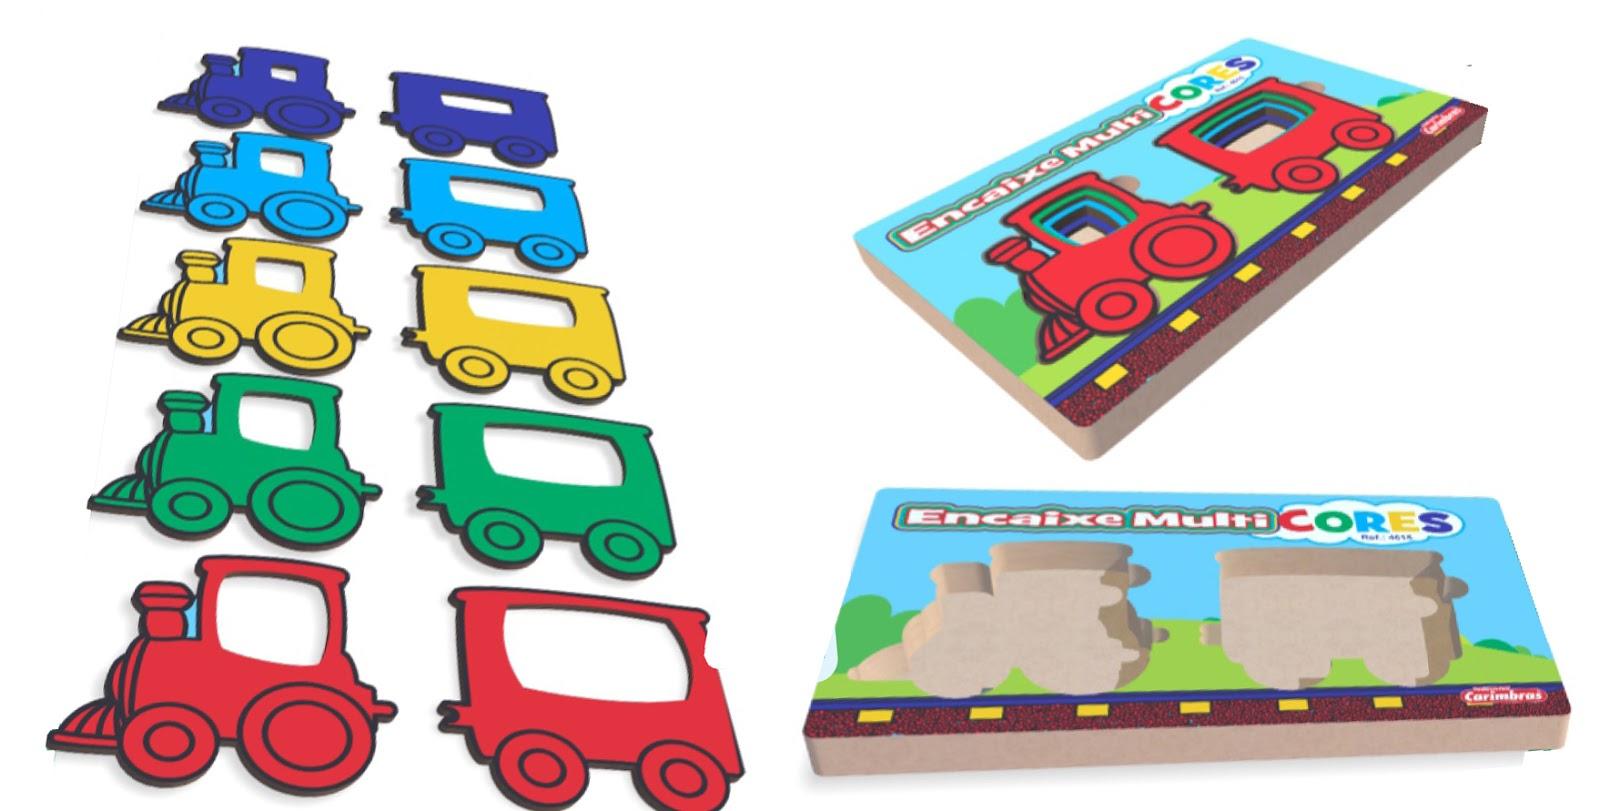 Brinquedo Educativo de Madeira Encaixe Multicores